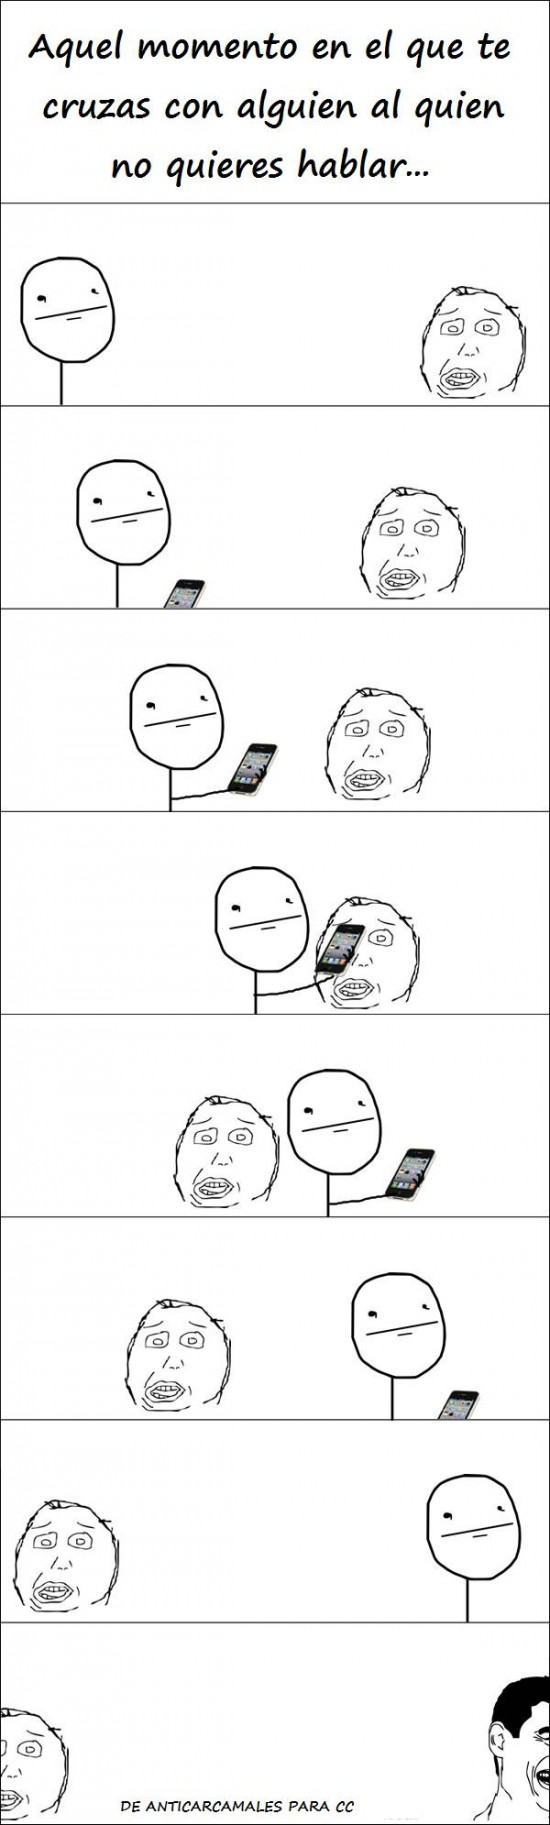 Yao - Momento embarazoso que disimulas con el móvil